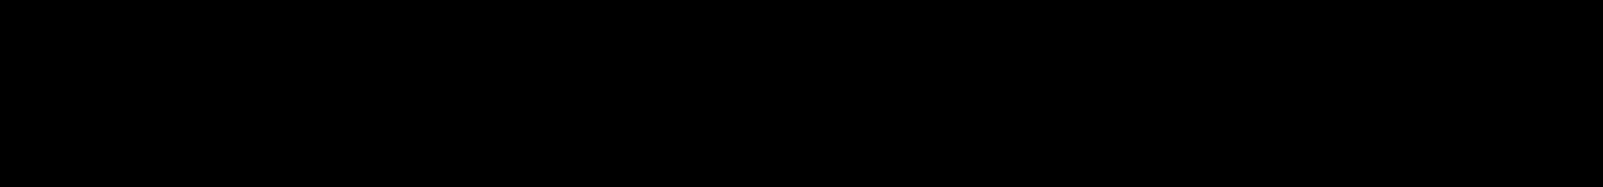 Равномерно распределяем точки по сфере в pytorch и tensorflow - 32